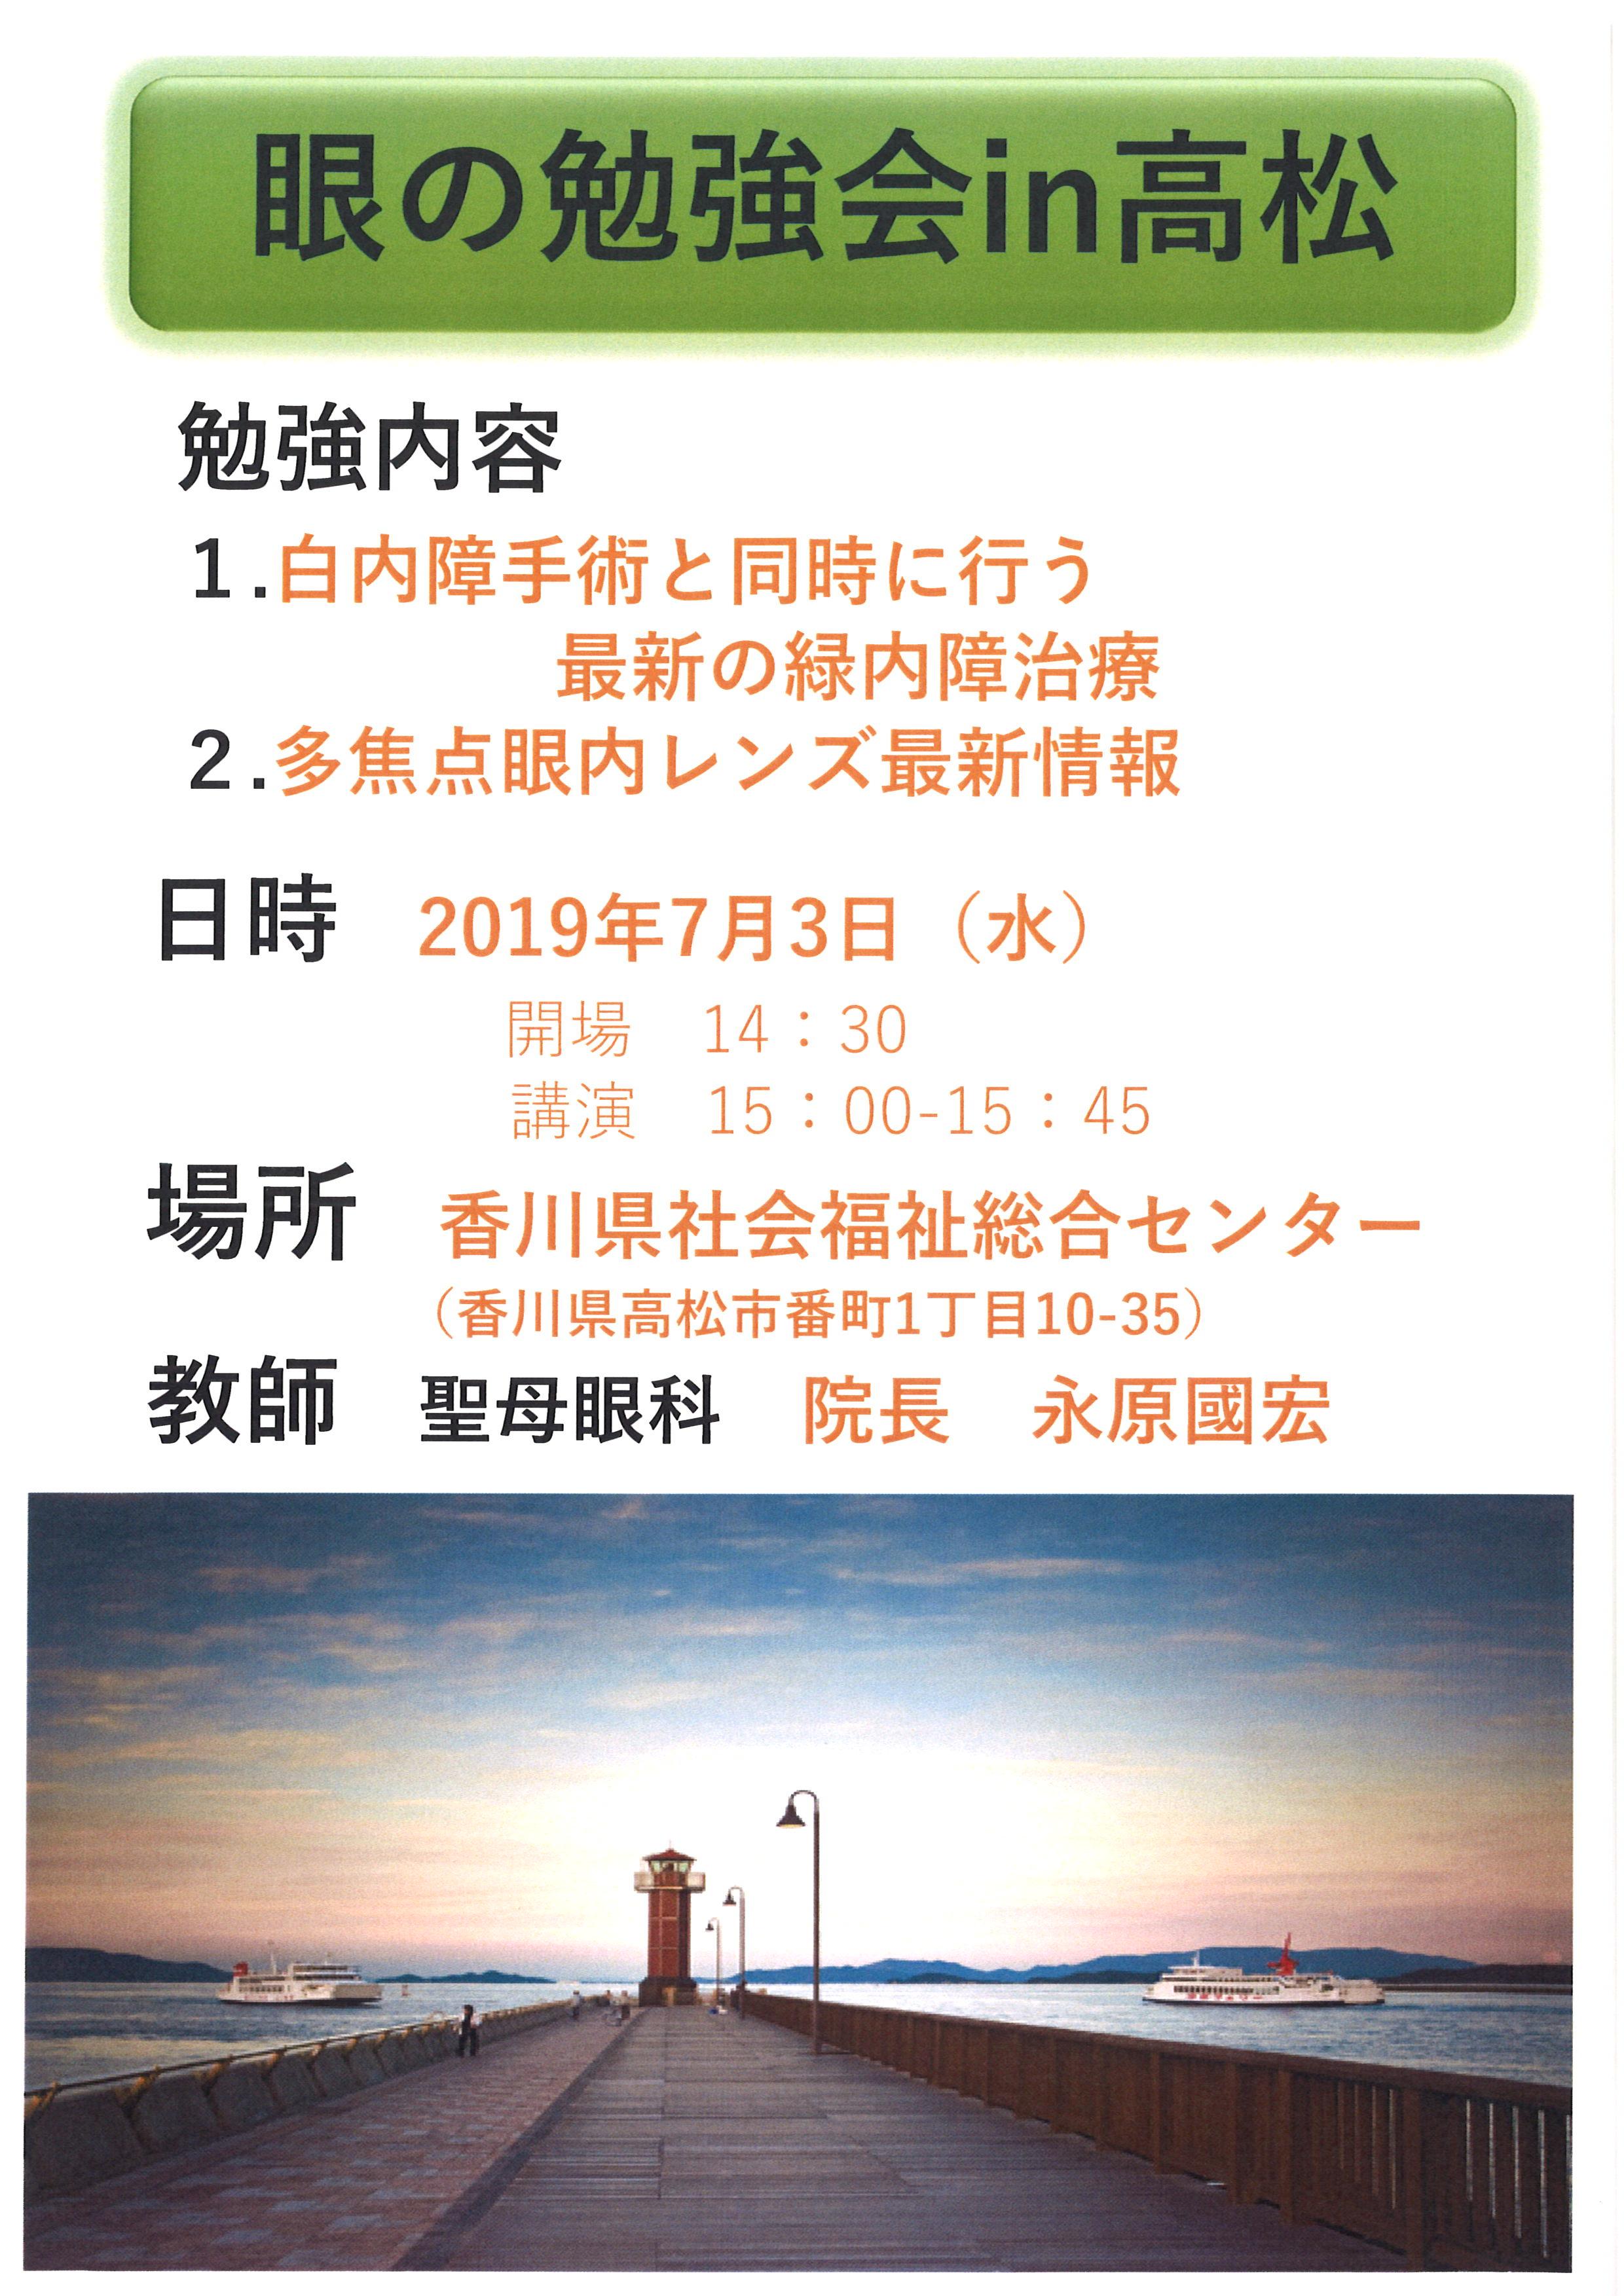 福祉 センター 総合 県 香川 社会